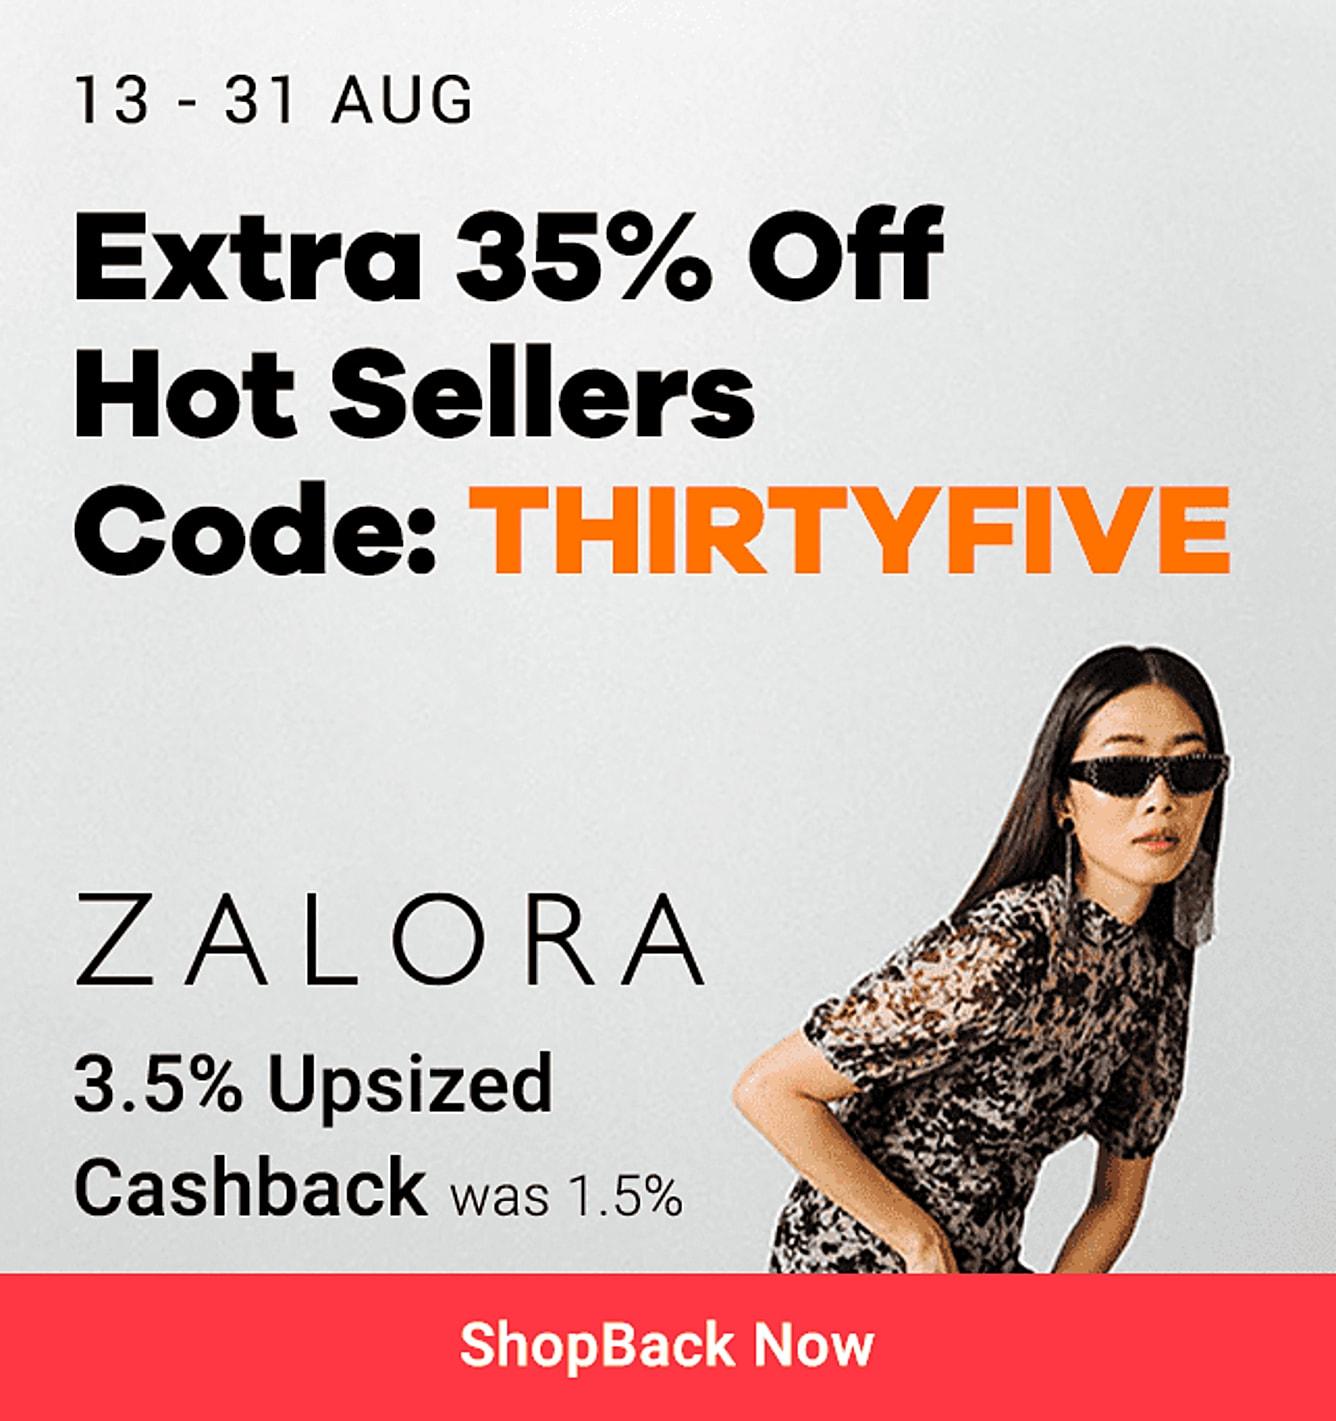 ZALORA App_Upsize_Partnerize_2020-08-13